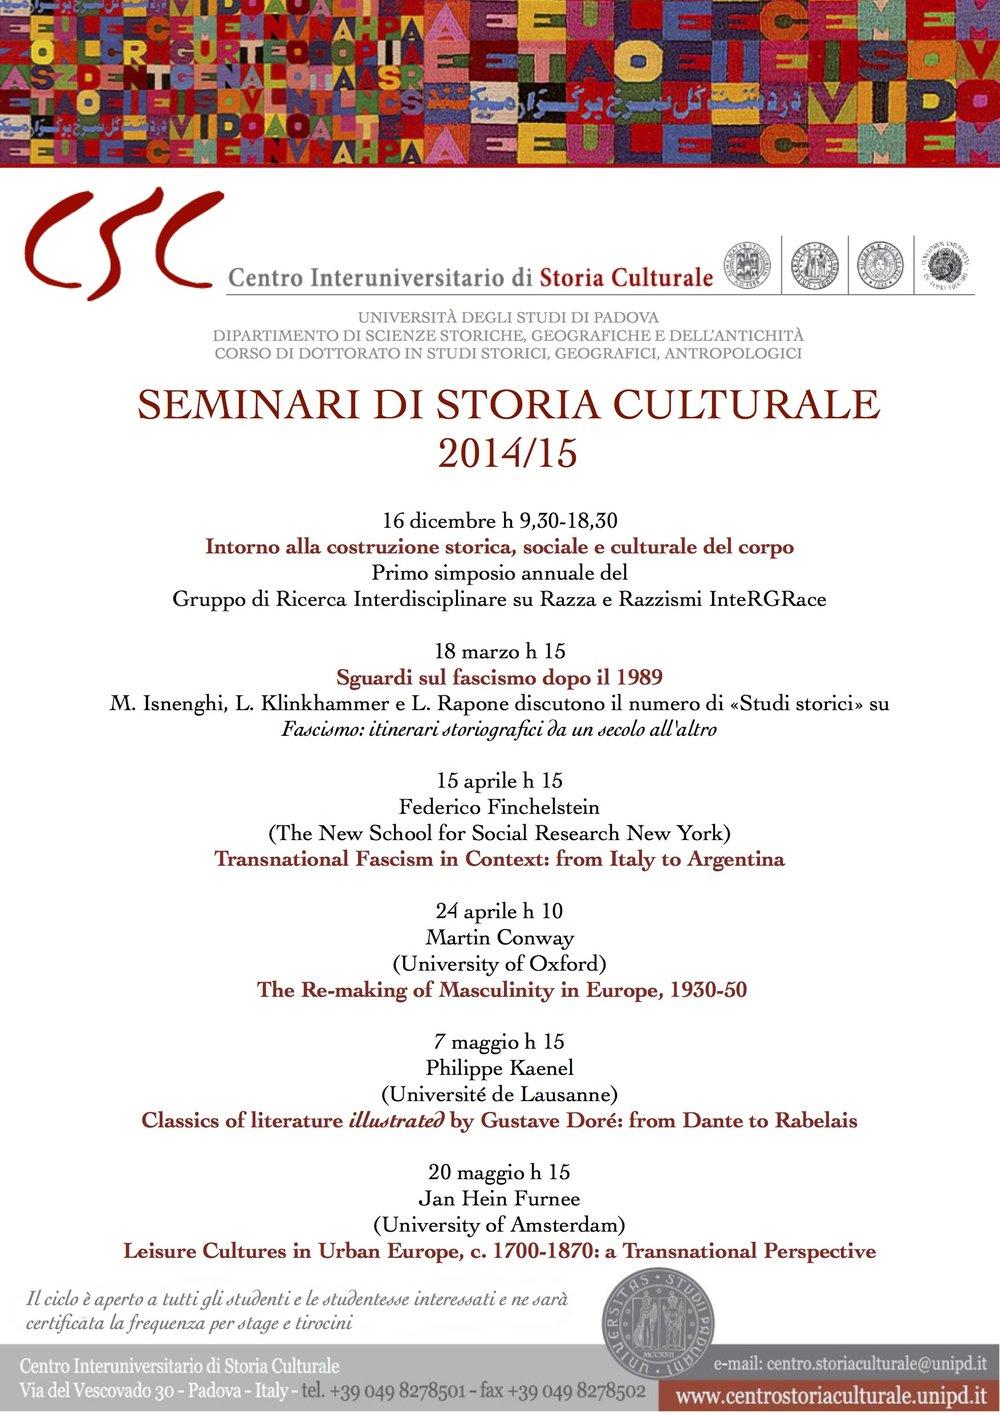 Locandina+seminari+2014.jpg